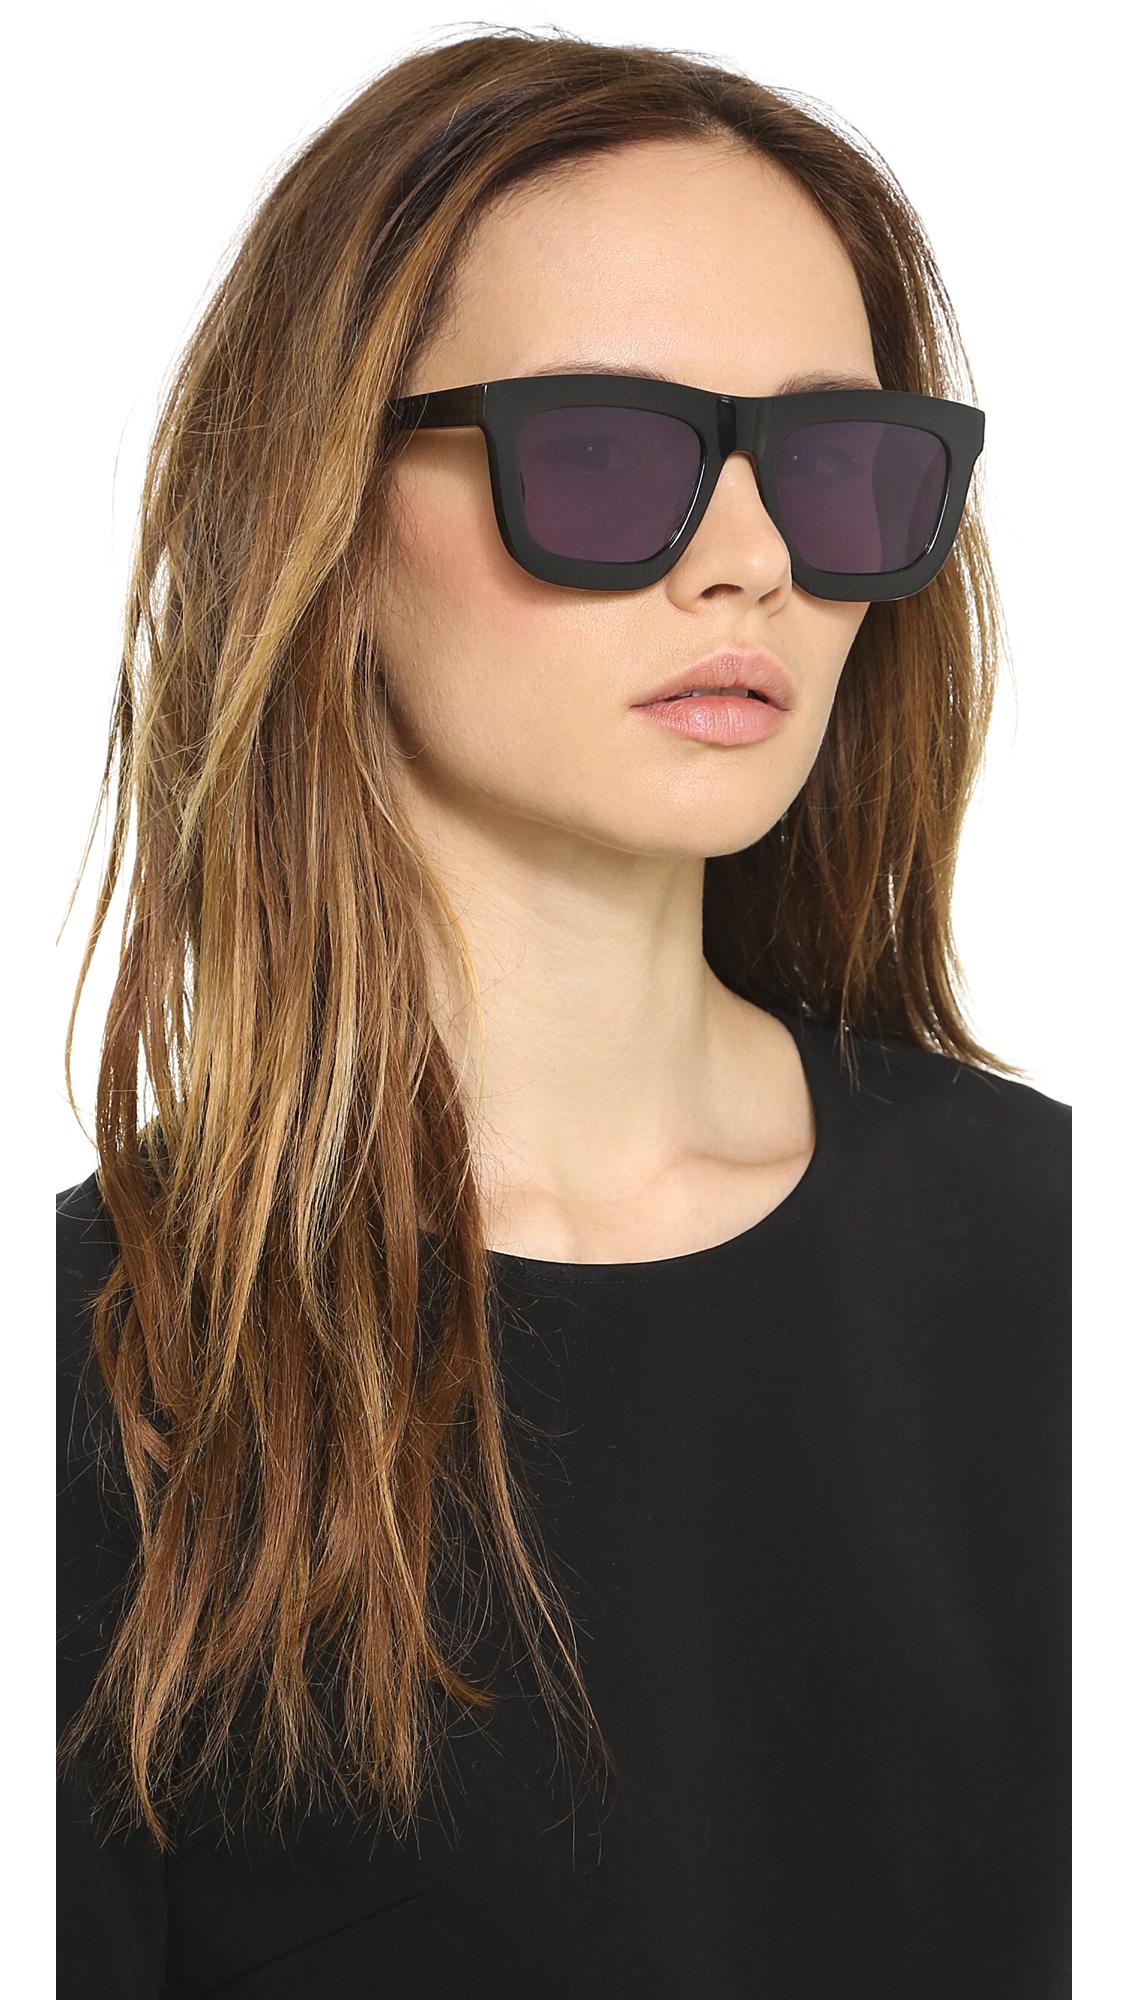 a7fc1d425649 Karen Walker Deep Worship Sunglasses